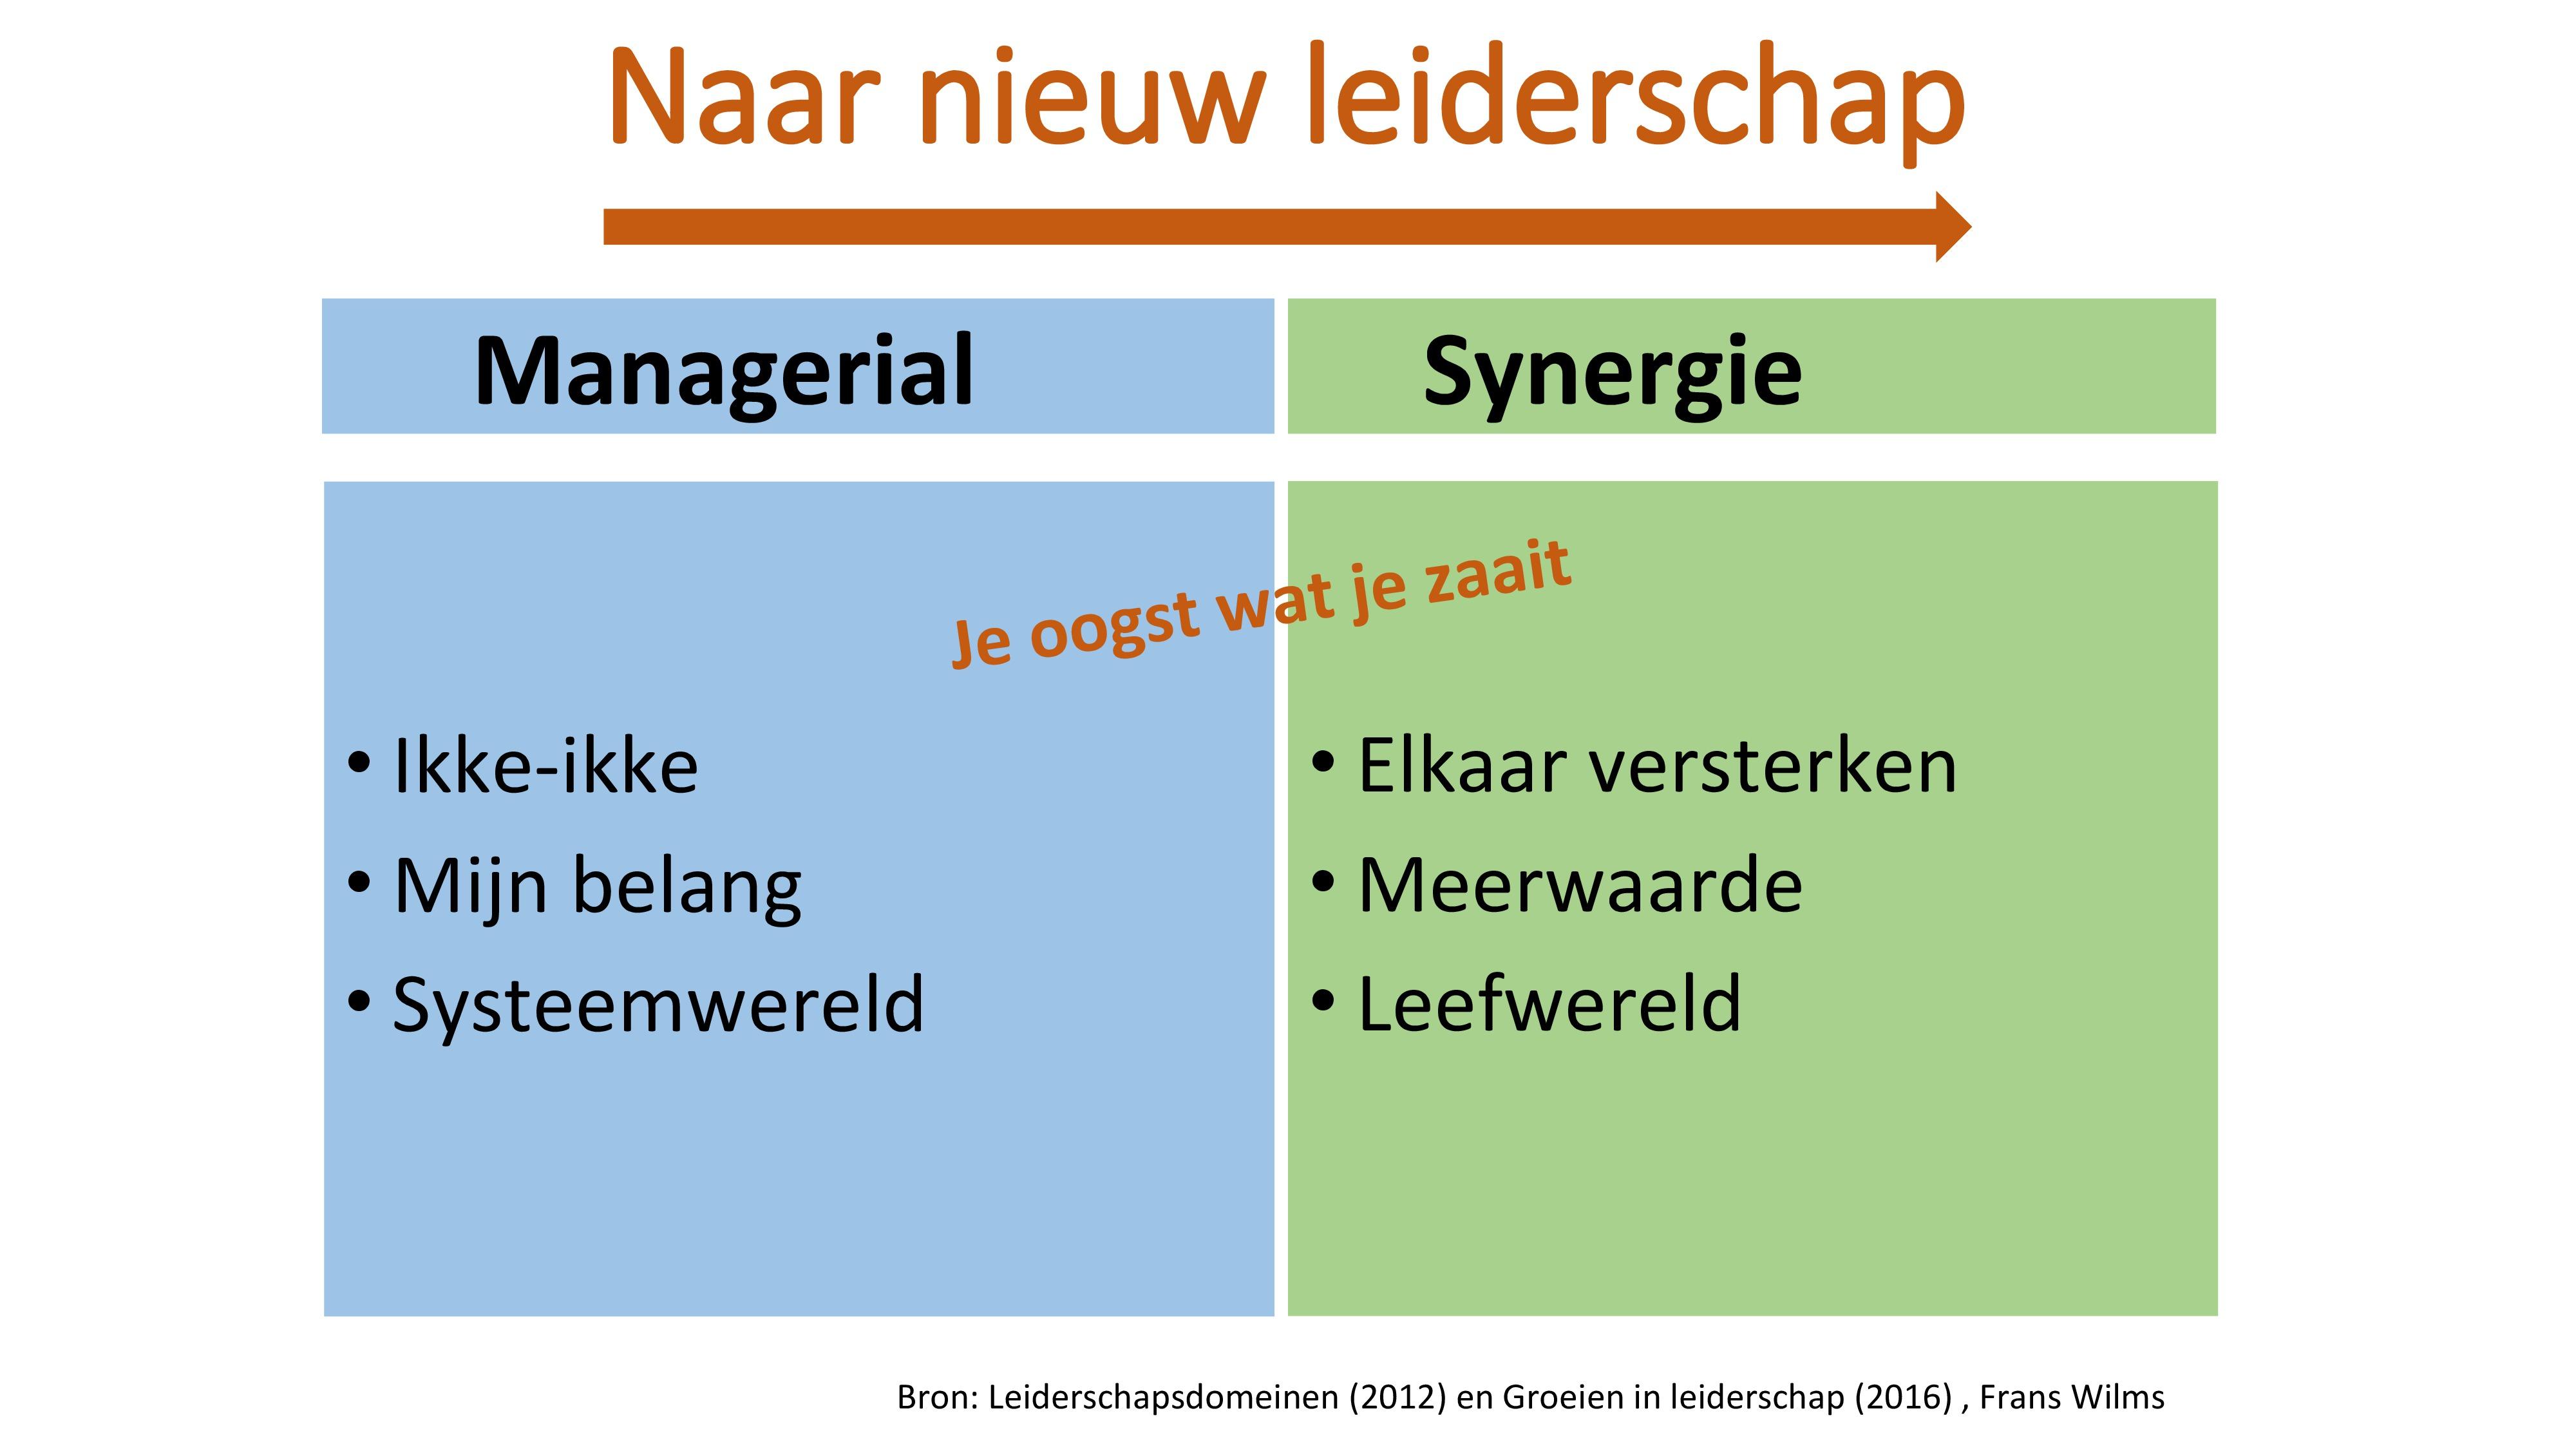 Van Managerial naar synergie leiderschap